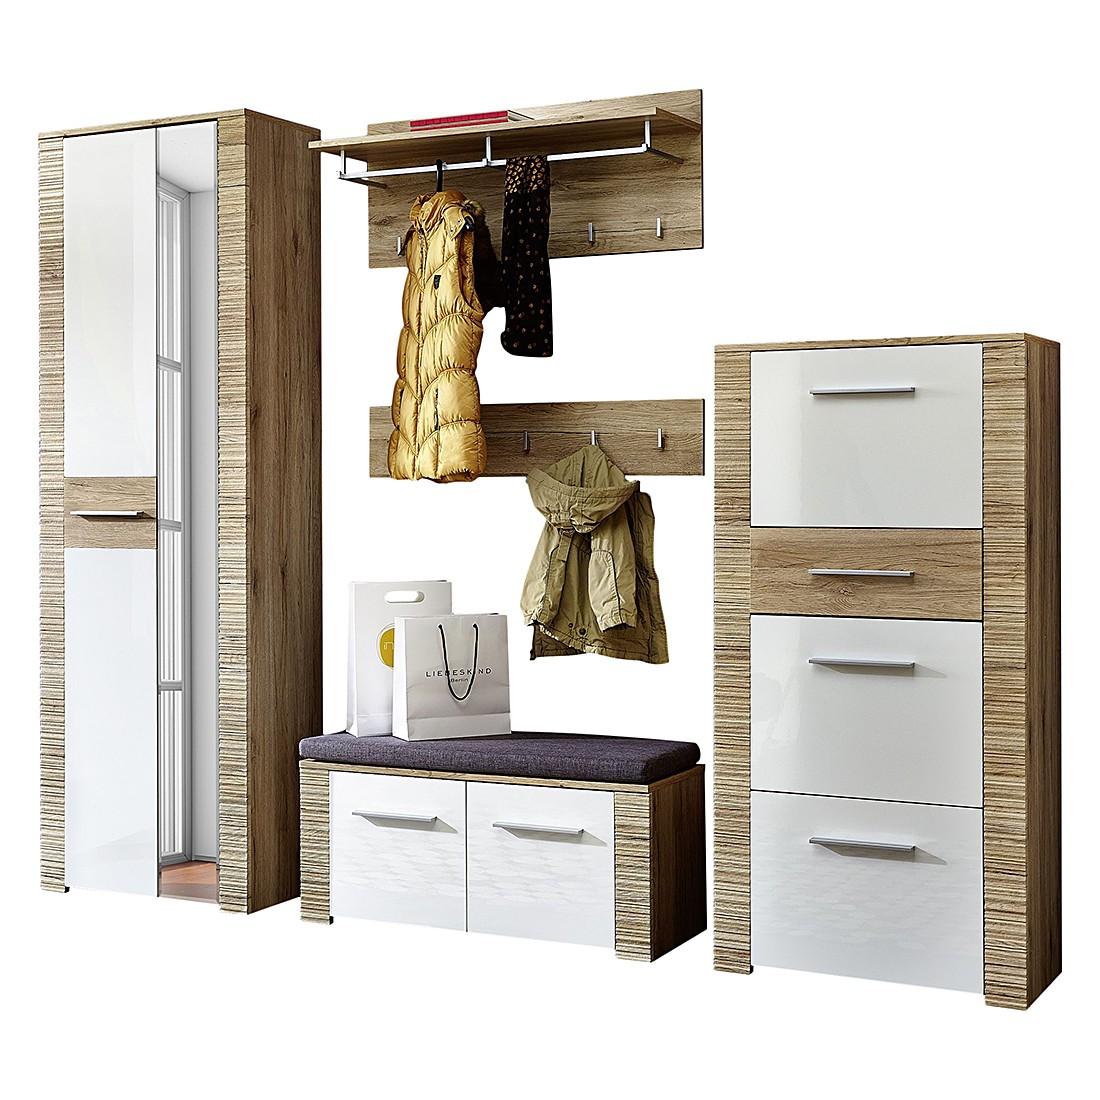 Naturoo meubles en ligne for Meuble en ligne canada